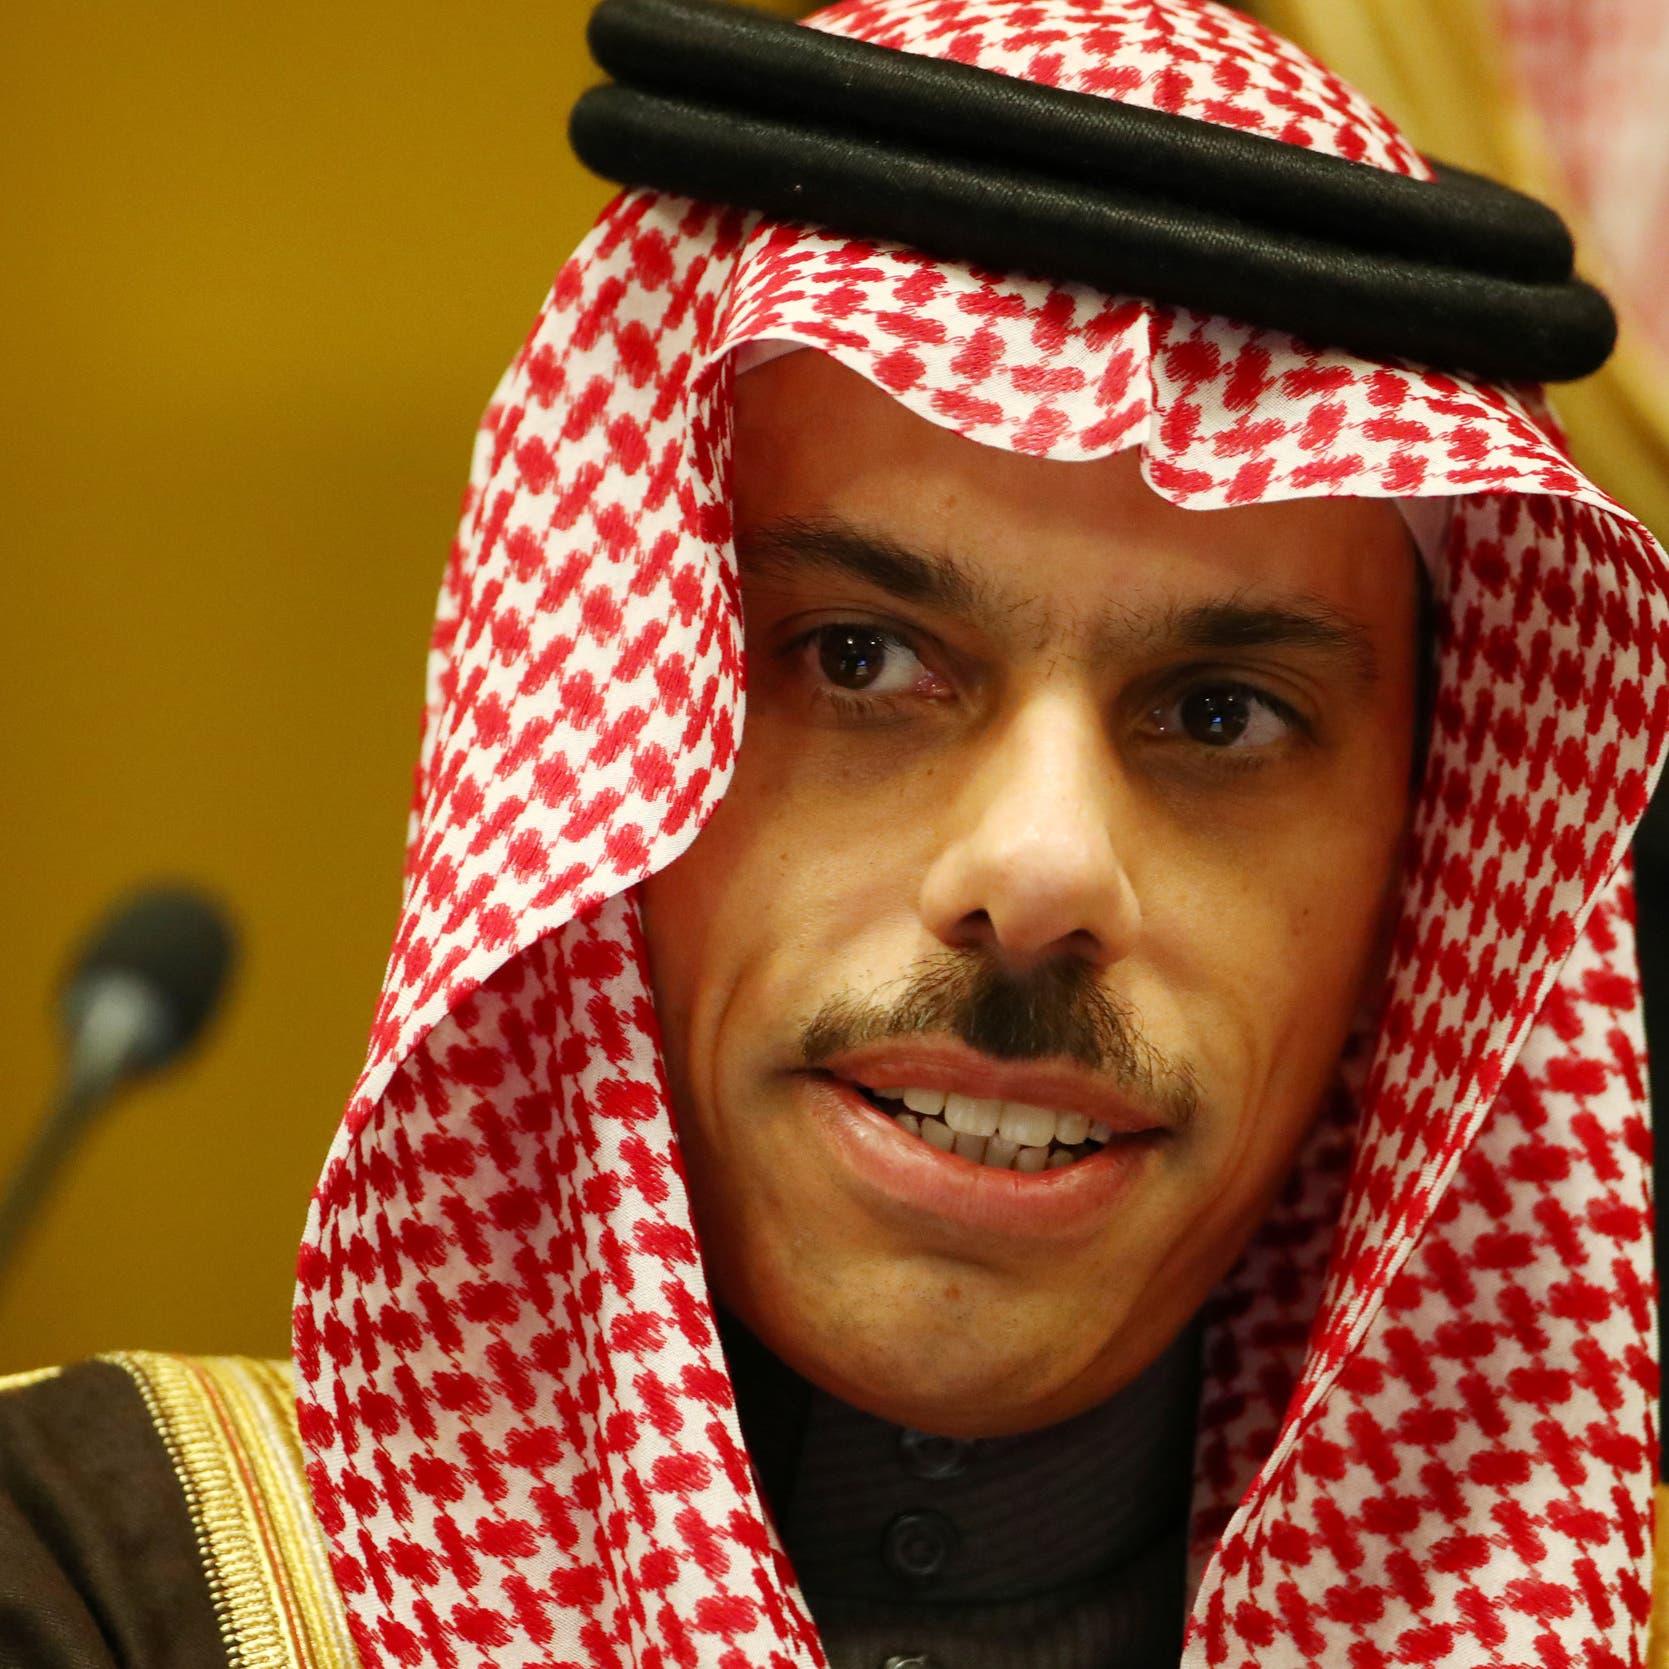 وزير الخارجية السعودي يبحث مع لافروف الأوضاع في المنطقة